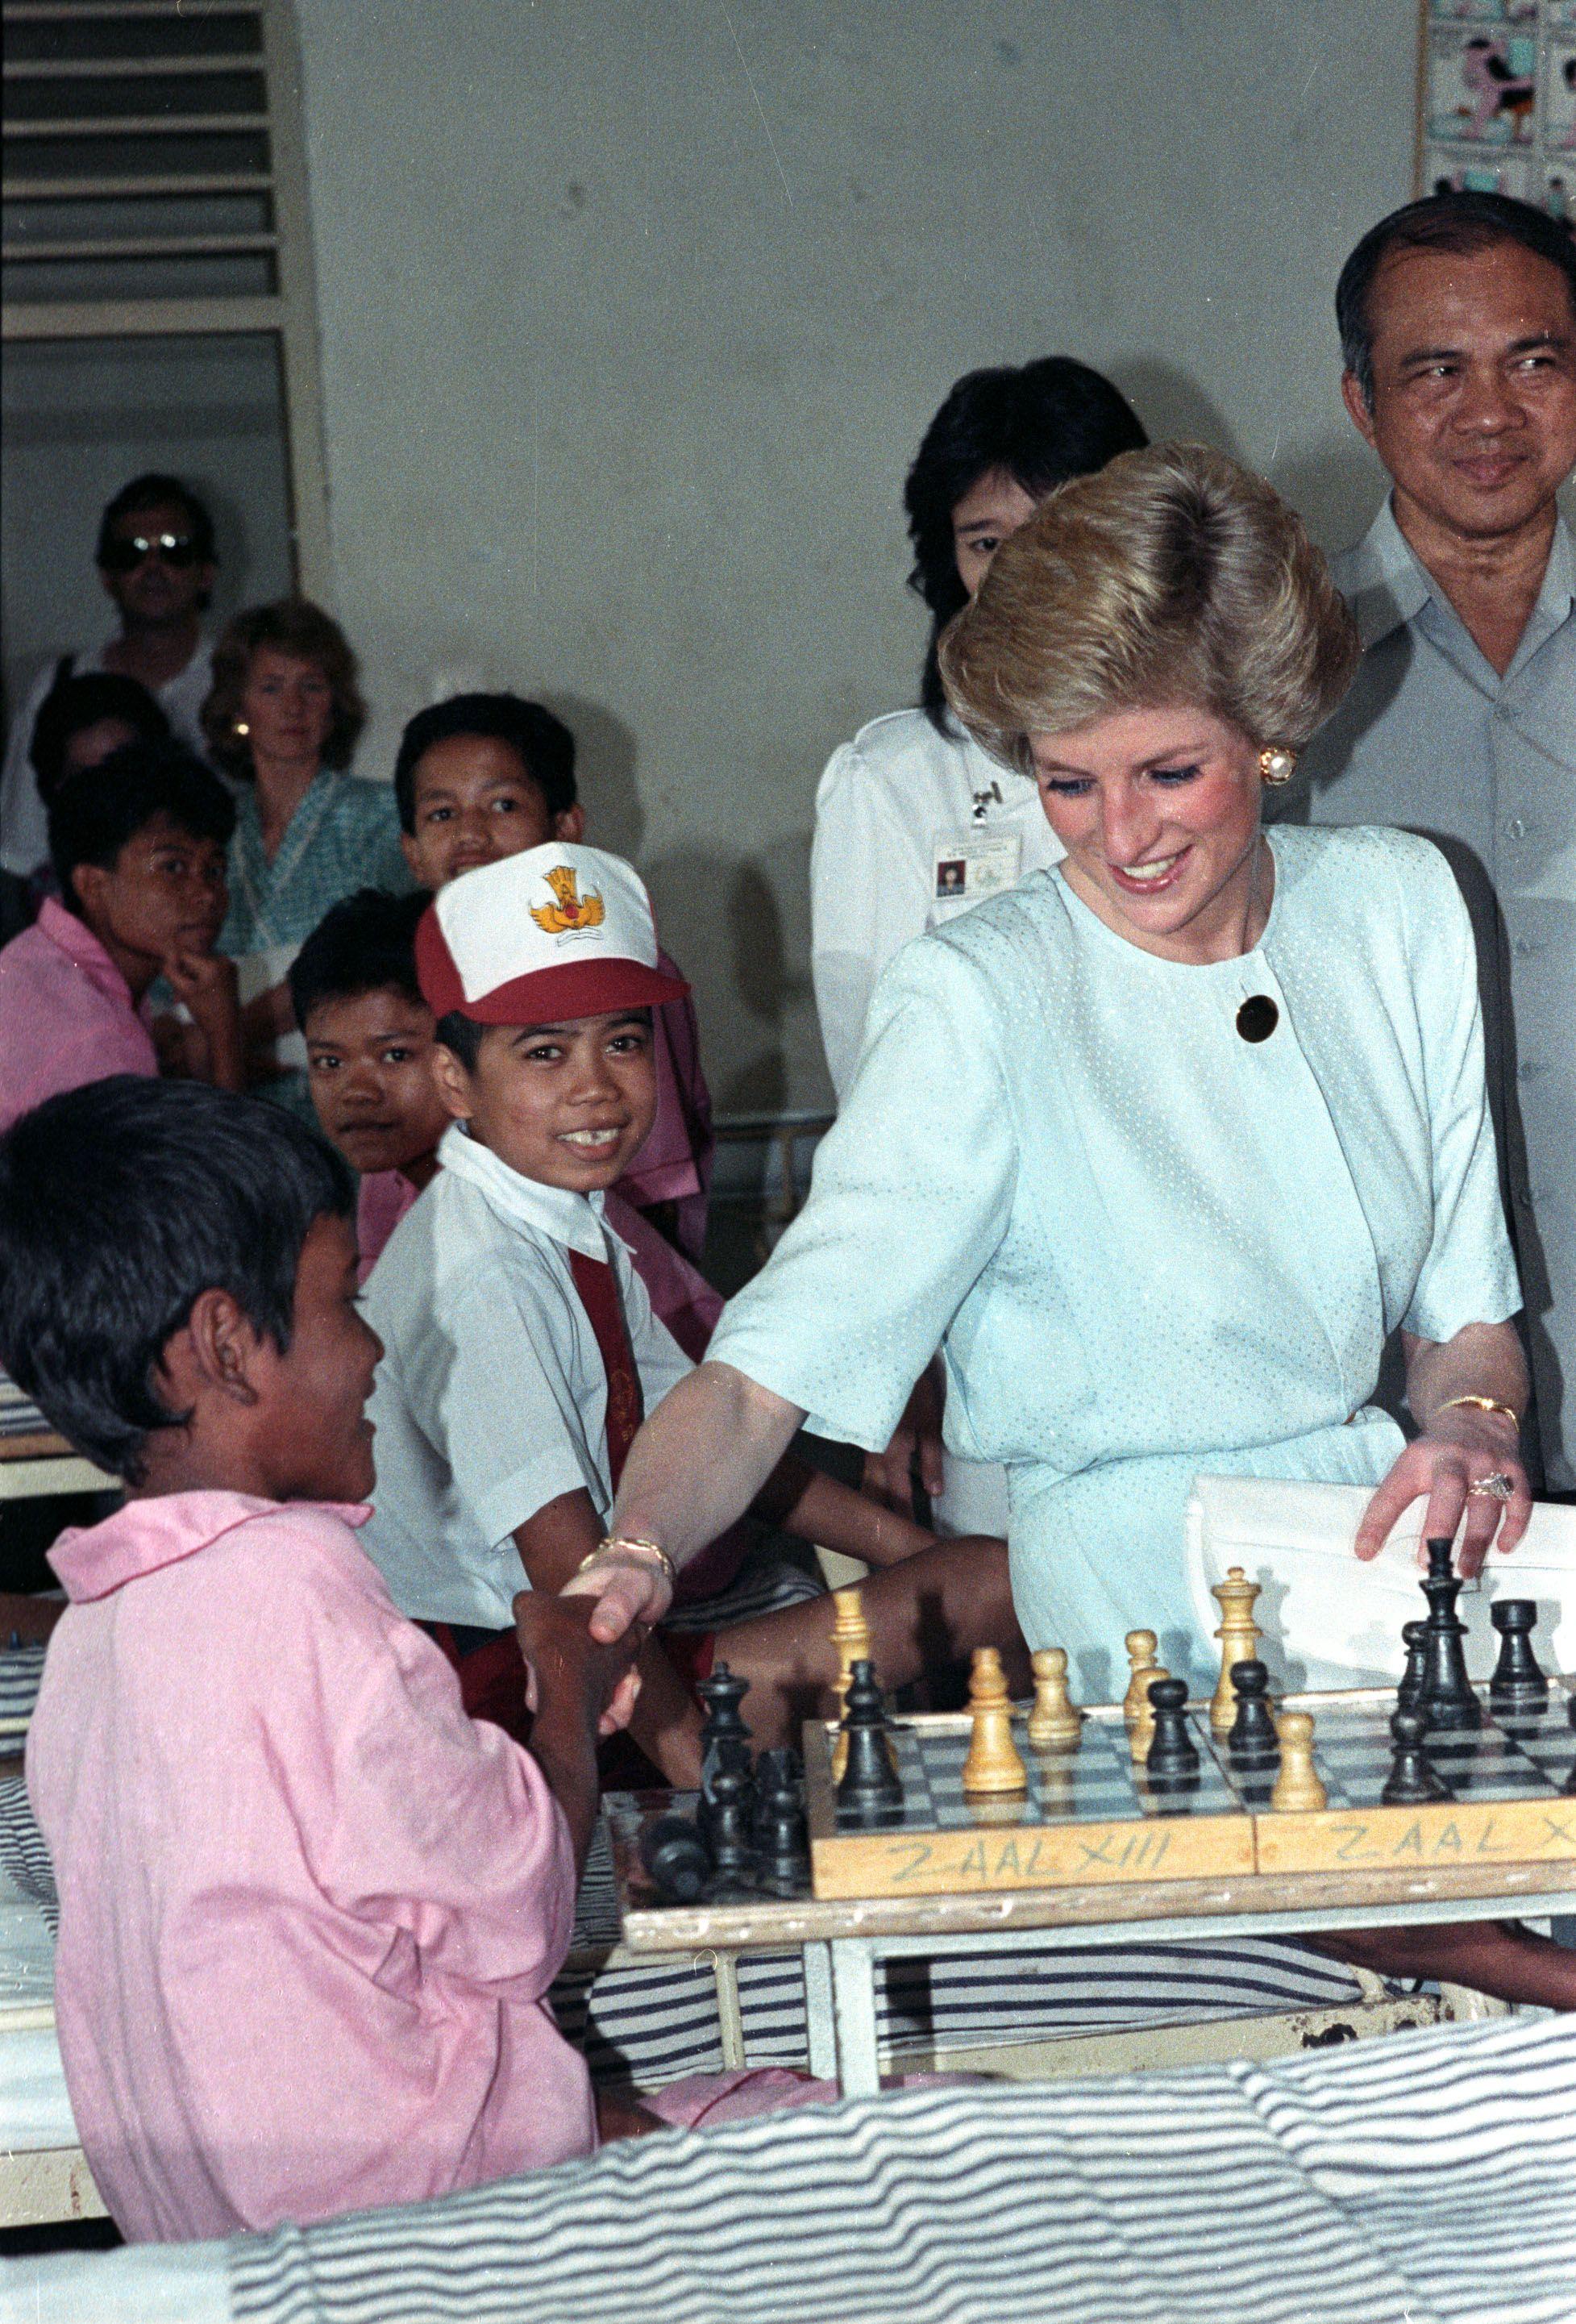 8 - Remembering Princess Diana